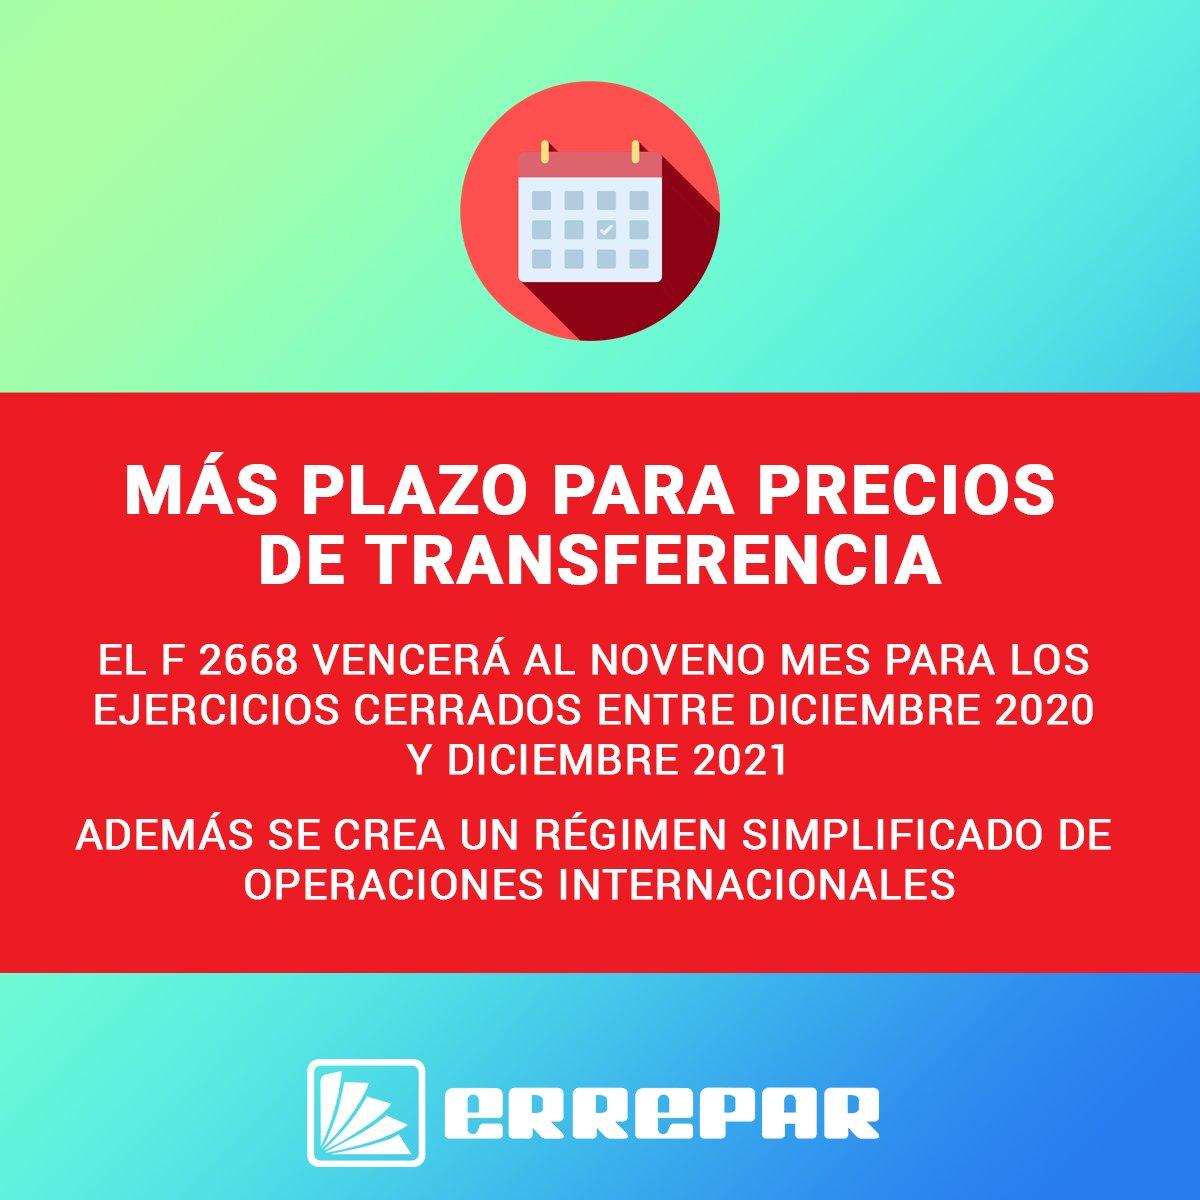 Editorial Errepar @errepar: ???? Los contribuyentes con cierre de ejercicio entre diciembre 2020 y diciembre 2021 podrán presentar el formulario de declaración jurada F. 2668, y el estudio de precios de transferencia al noveno mes siguiente al del cierre. https://t.co/NKJHGoUv7w